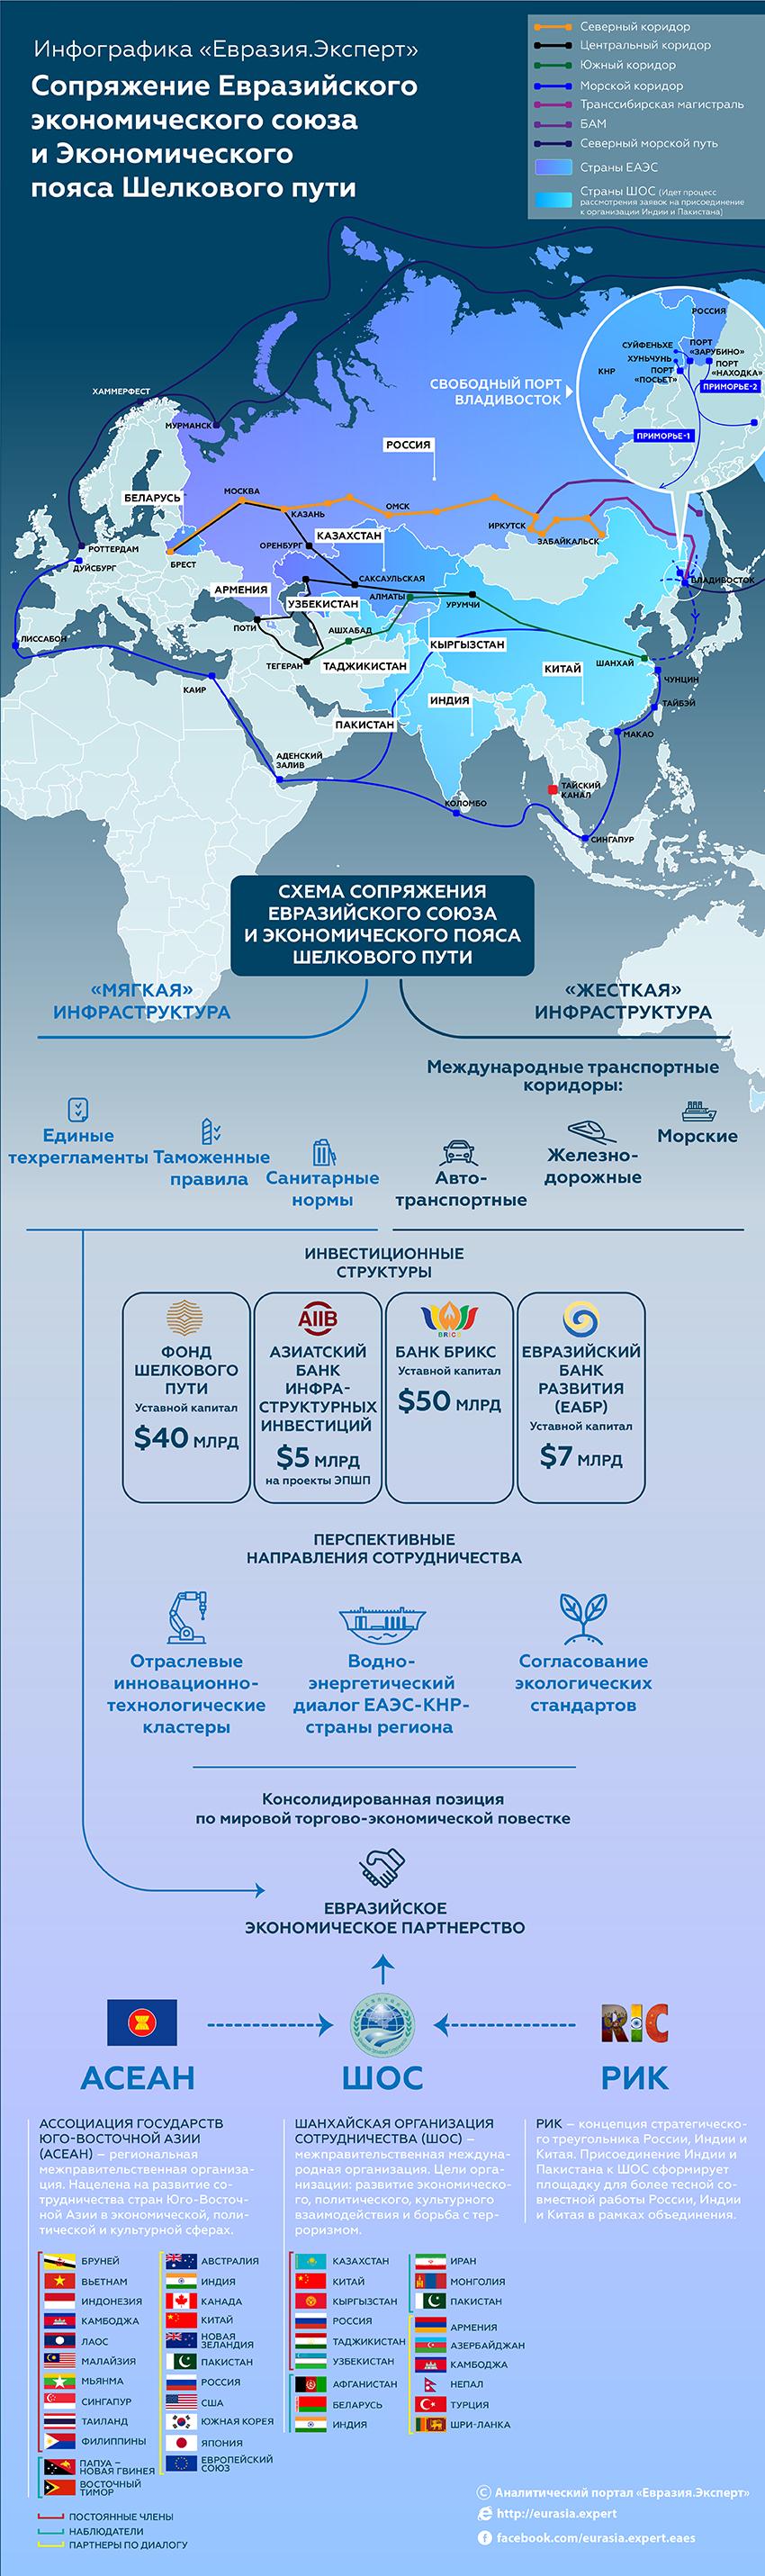 Шелковый путь не пройдет мимо Евразийского союза. Итоги встречи Путина и Си Цзиньпина